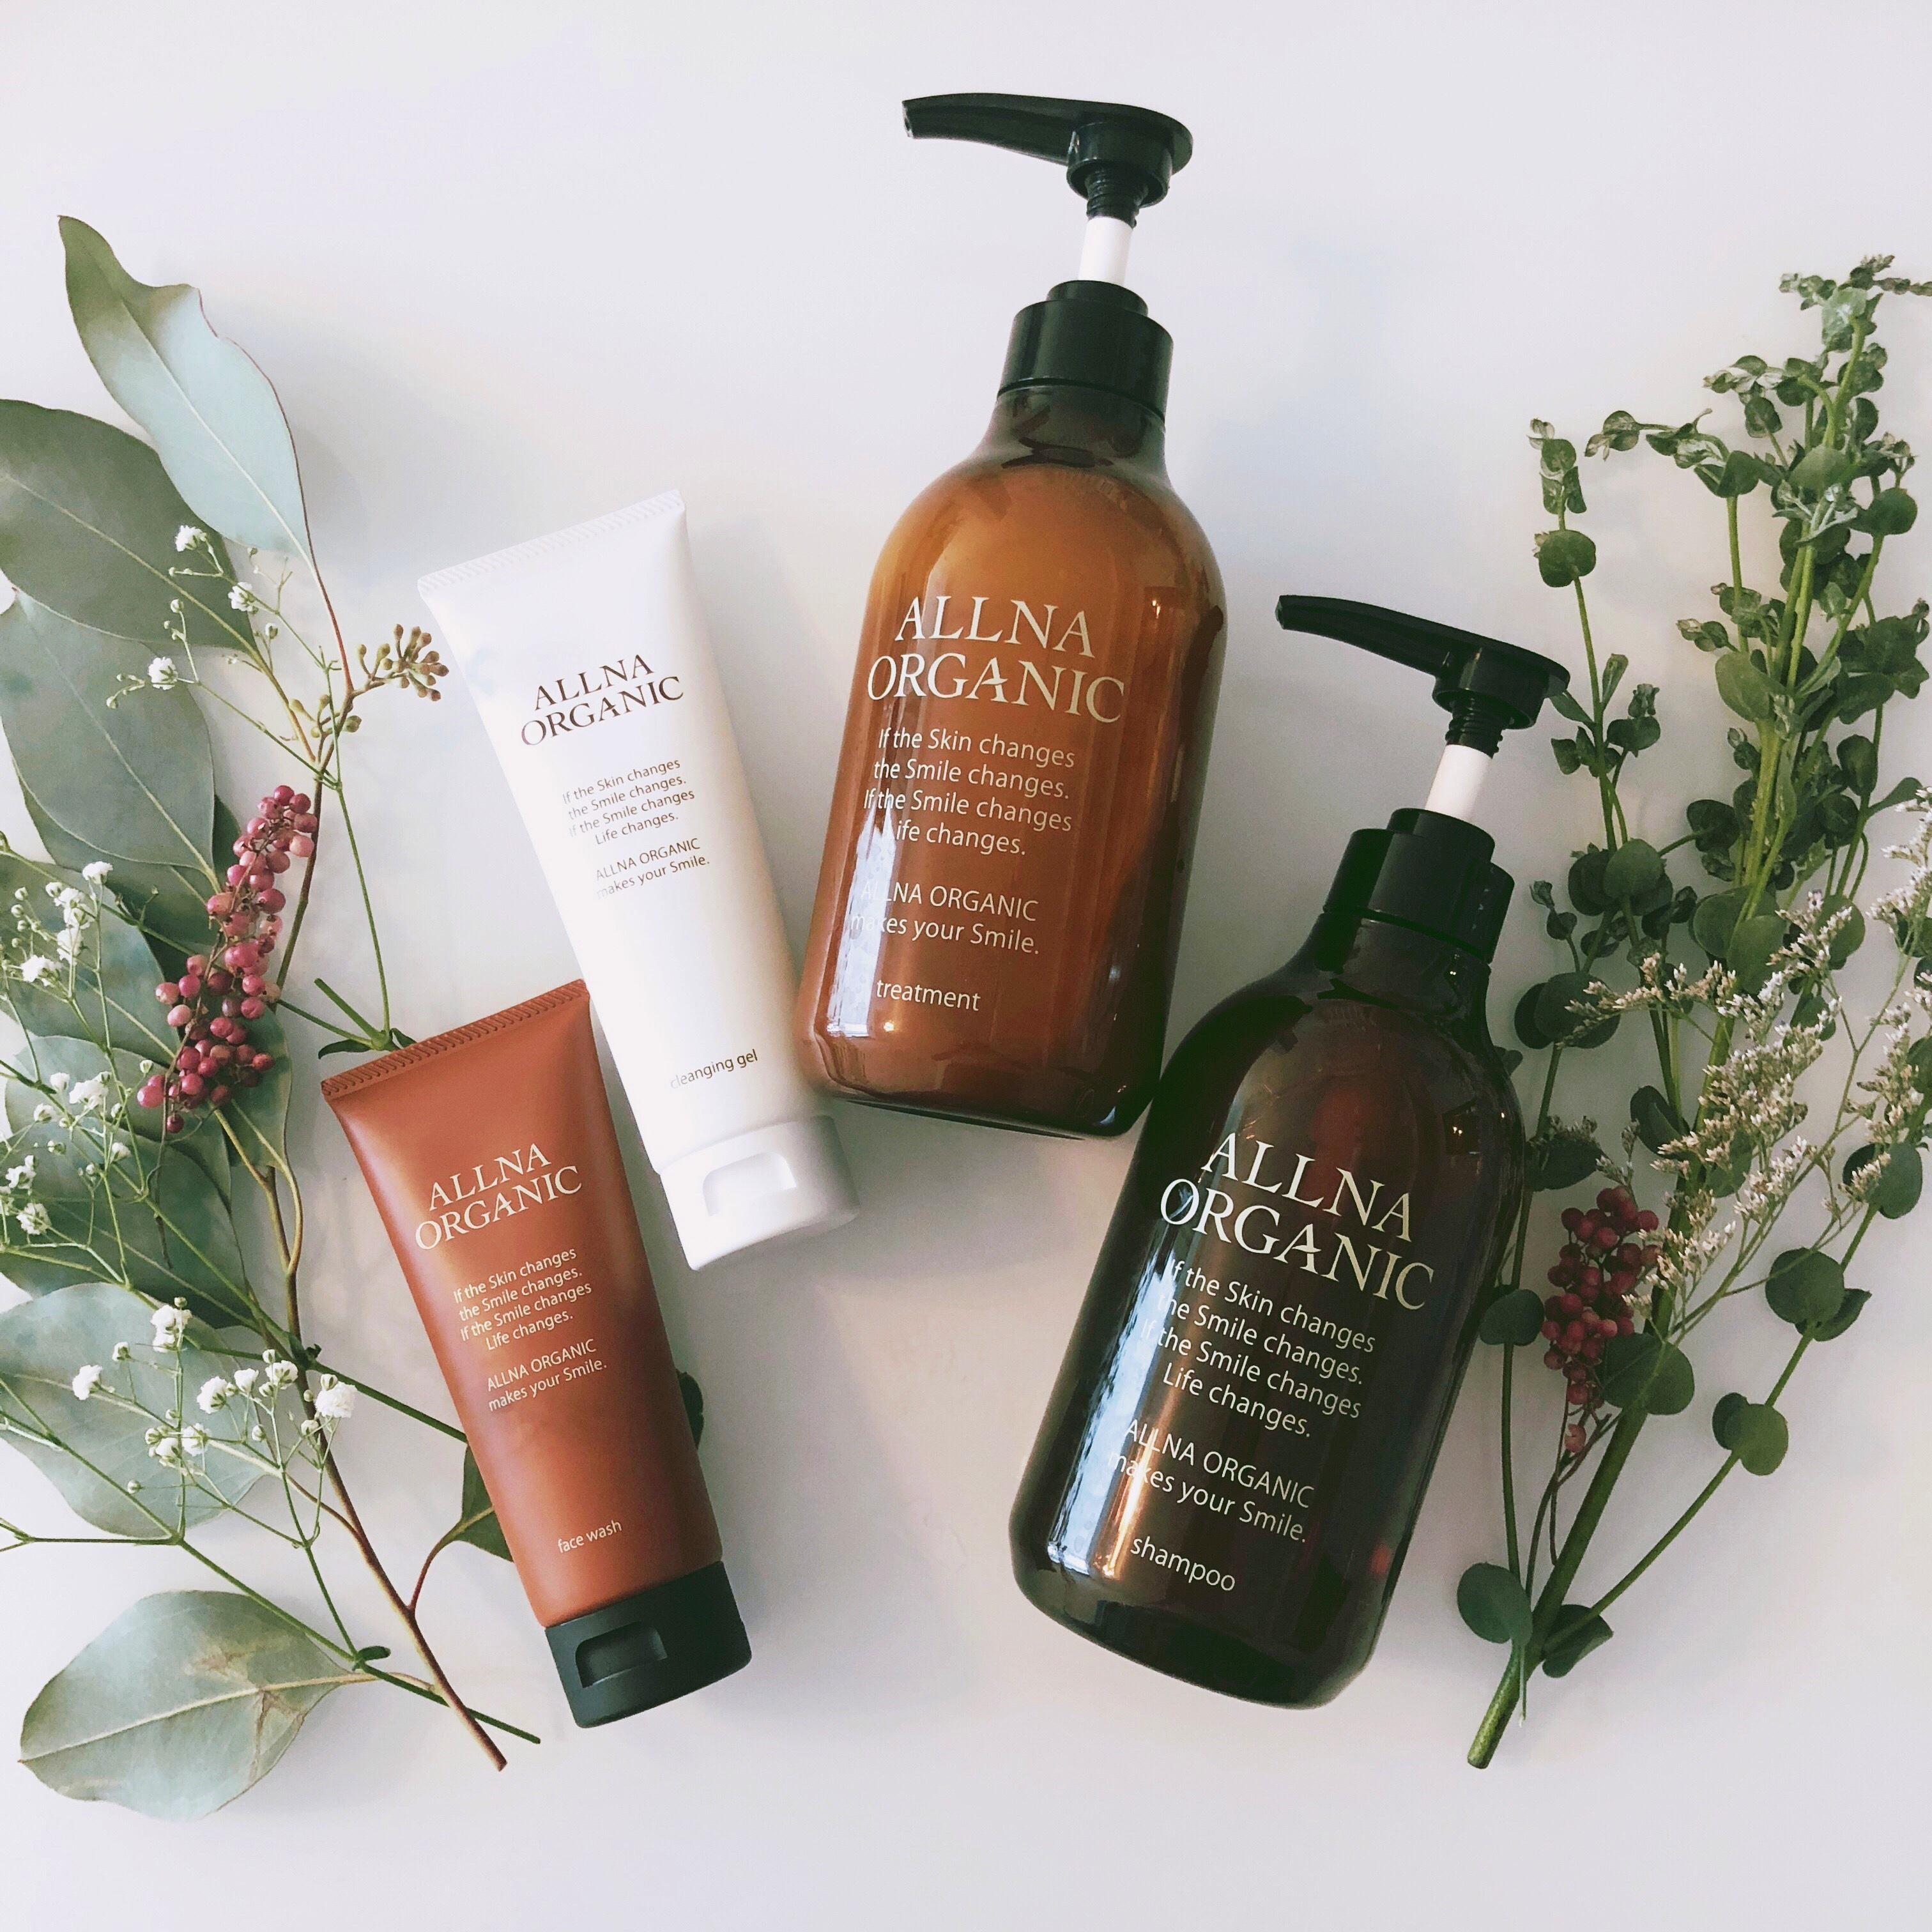 <肌にも髪にも優しいオーガニックの大人気シリーズ></noscript>ALLNA ORGANIC(オルナオーガニック)のクレンジング・洗顔・シャンプー・トリートメントを試してみたよ